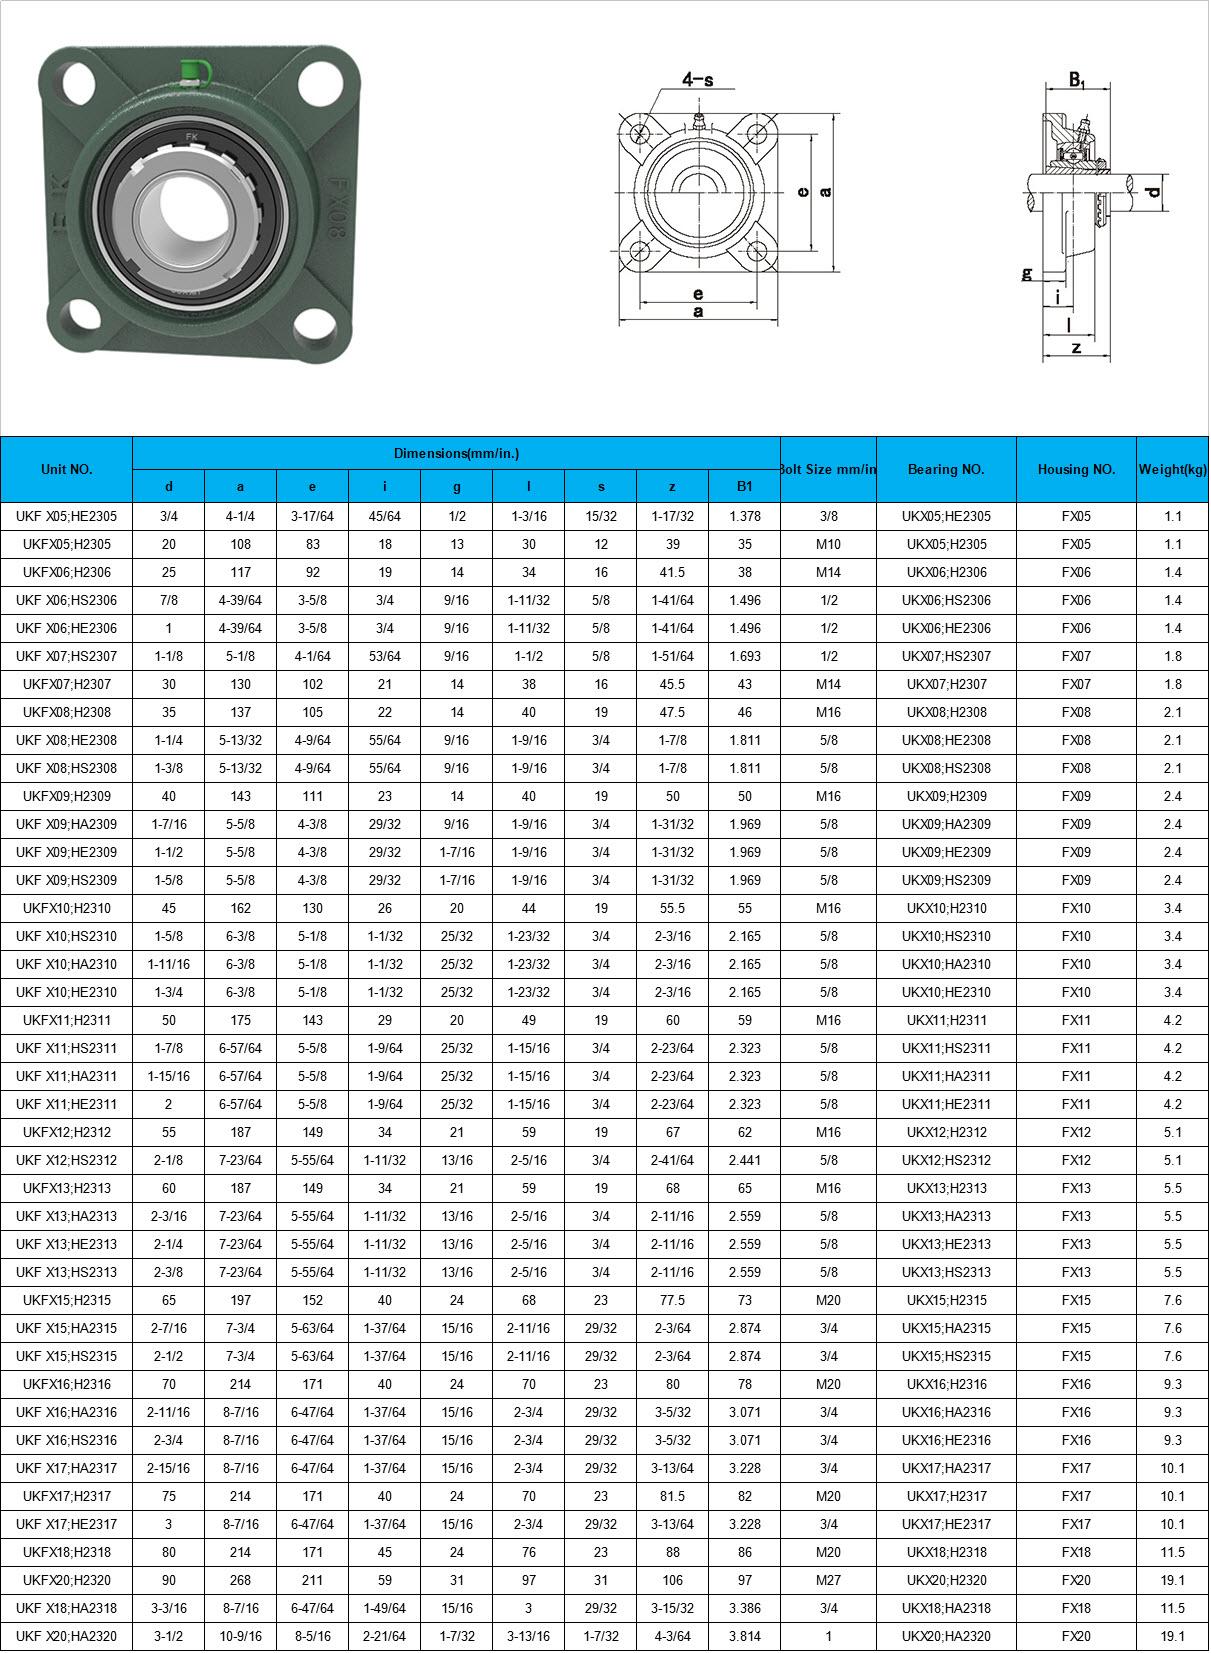 UKF X05 | HE2305 | UKFX05 | H2305 | UKFX06 | H2306 | UKF X06 | HS2306 | UKF X06 | HE2306 | UKF X07 | HS2307 | UKFX07 | H2307 | UKFX08 | H2308 | UKF X08 | HE2308 | UKF X08 | HS2308 | UKFX09 | H2309 | UKF X09 | HA2309 | UKF X09 | HE2309 | UKF X09 | HS2309 | UKFX10 | H2310 | UKF X10 | HS2310 | UKF X10 | HA2310 | UKF X10 | HE2310 | UKFX11 | H2311 | UKF X11 | HS2311 | UKF X11 | HA2311 | UKF X11 | HE2311 | UKFX12 | H2312 | UKF X12 | HS2312 | UKFX13 | H2313 | UKF X13 | HA2313 | UKF X13 | HE2313 | UKF X13 | HS2313 | UKFX15 | H2315 | UKF X15 | HA2315 | UKF X15 | HS2315 | UKFX16 | H2316 | UKF X16 | HA2316 | UKF X16 | HS2316 | UKF X17 | HA2317 | UKFX17 | H2317 | UKF X17 | HE2317 | UKFX18 | H2318 | UKFX20 | H2320 | UKF X18 | HA2318 | UKF X20 | HA2320